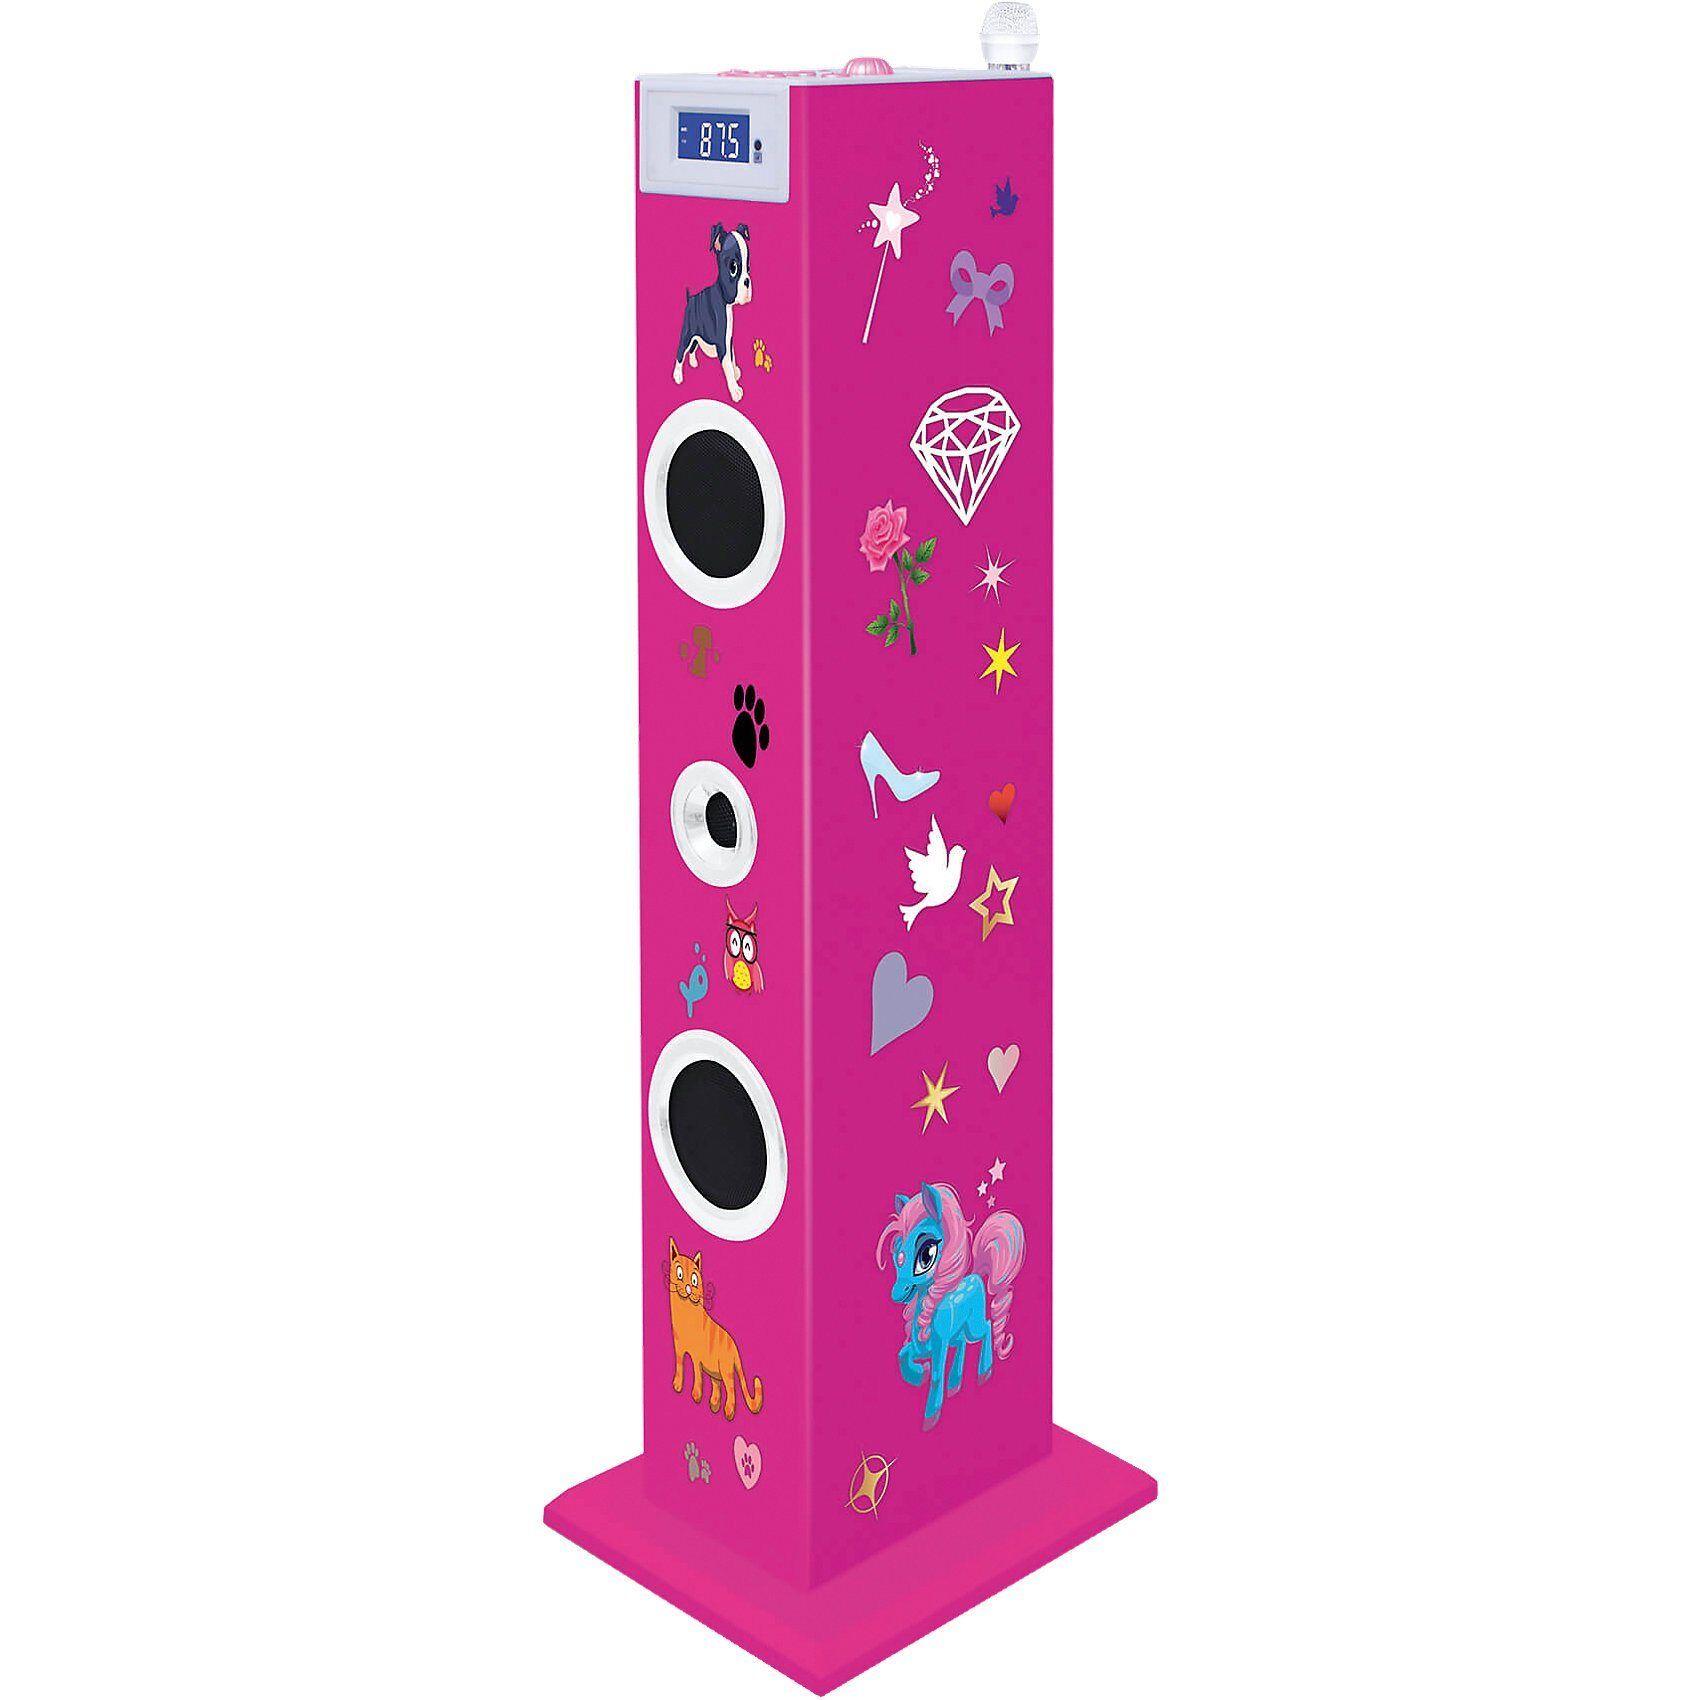 BigBen Musikanlage Sound Tower TW5 - Pink, inkl. Sticker